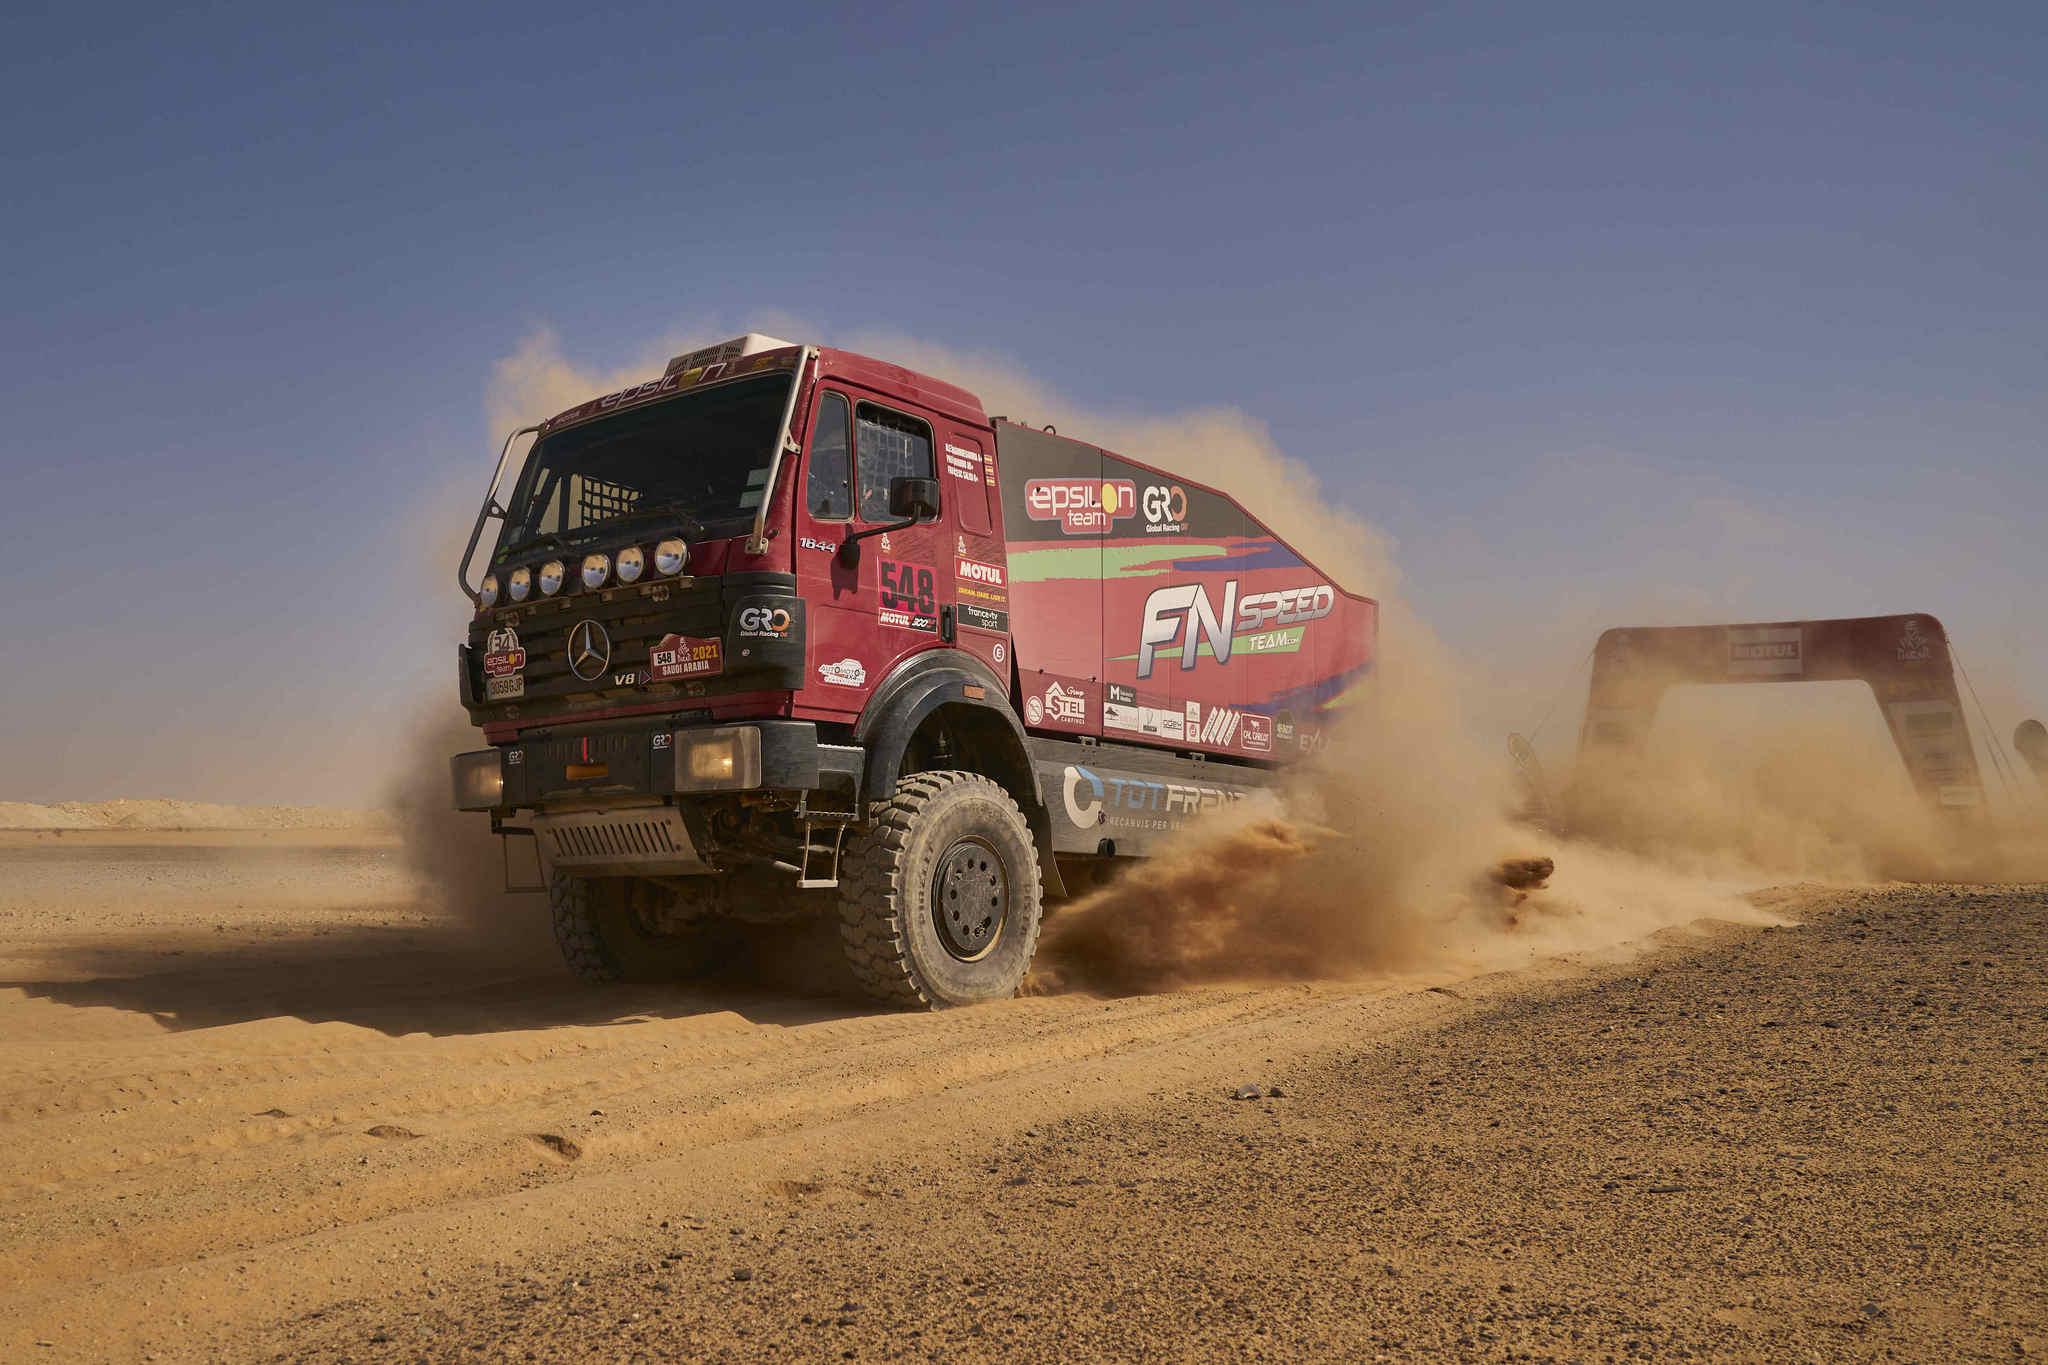 El camión de FN Speed sigue en carrera.